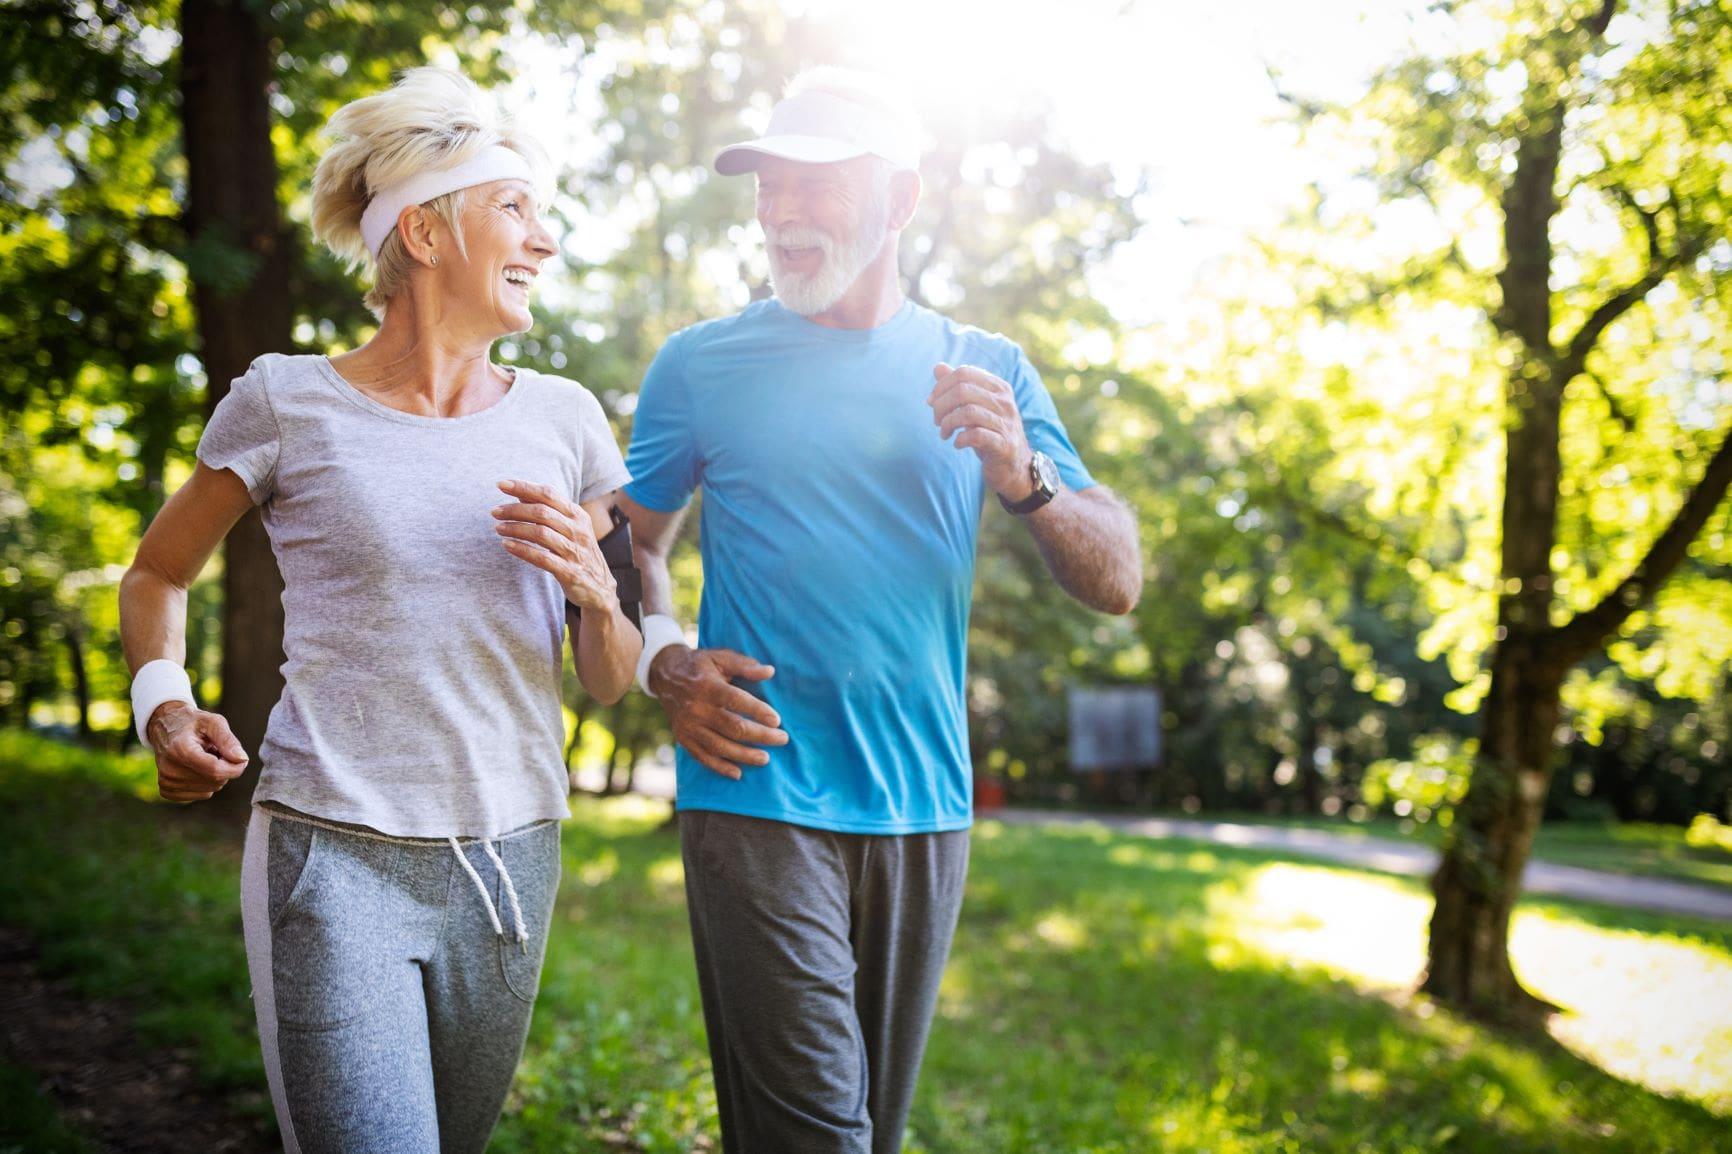 Wer im mittleren Lebensalter regelmäßig Sport treibt, senkt sein Risiko, später an Parkinson zu erkranken, um bis zu 40 Prozent.